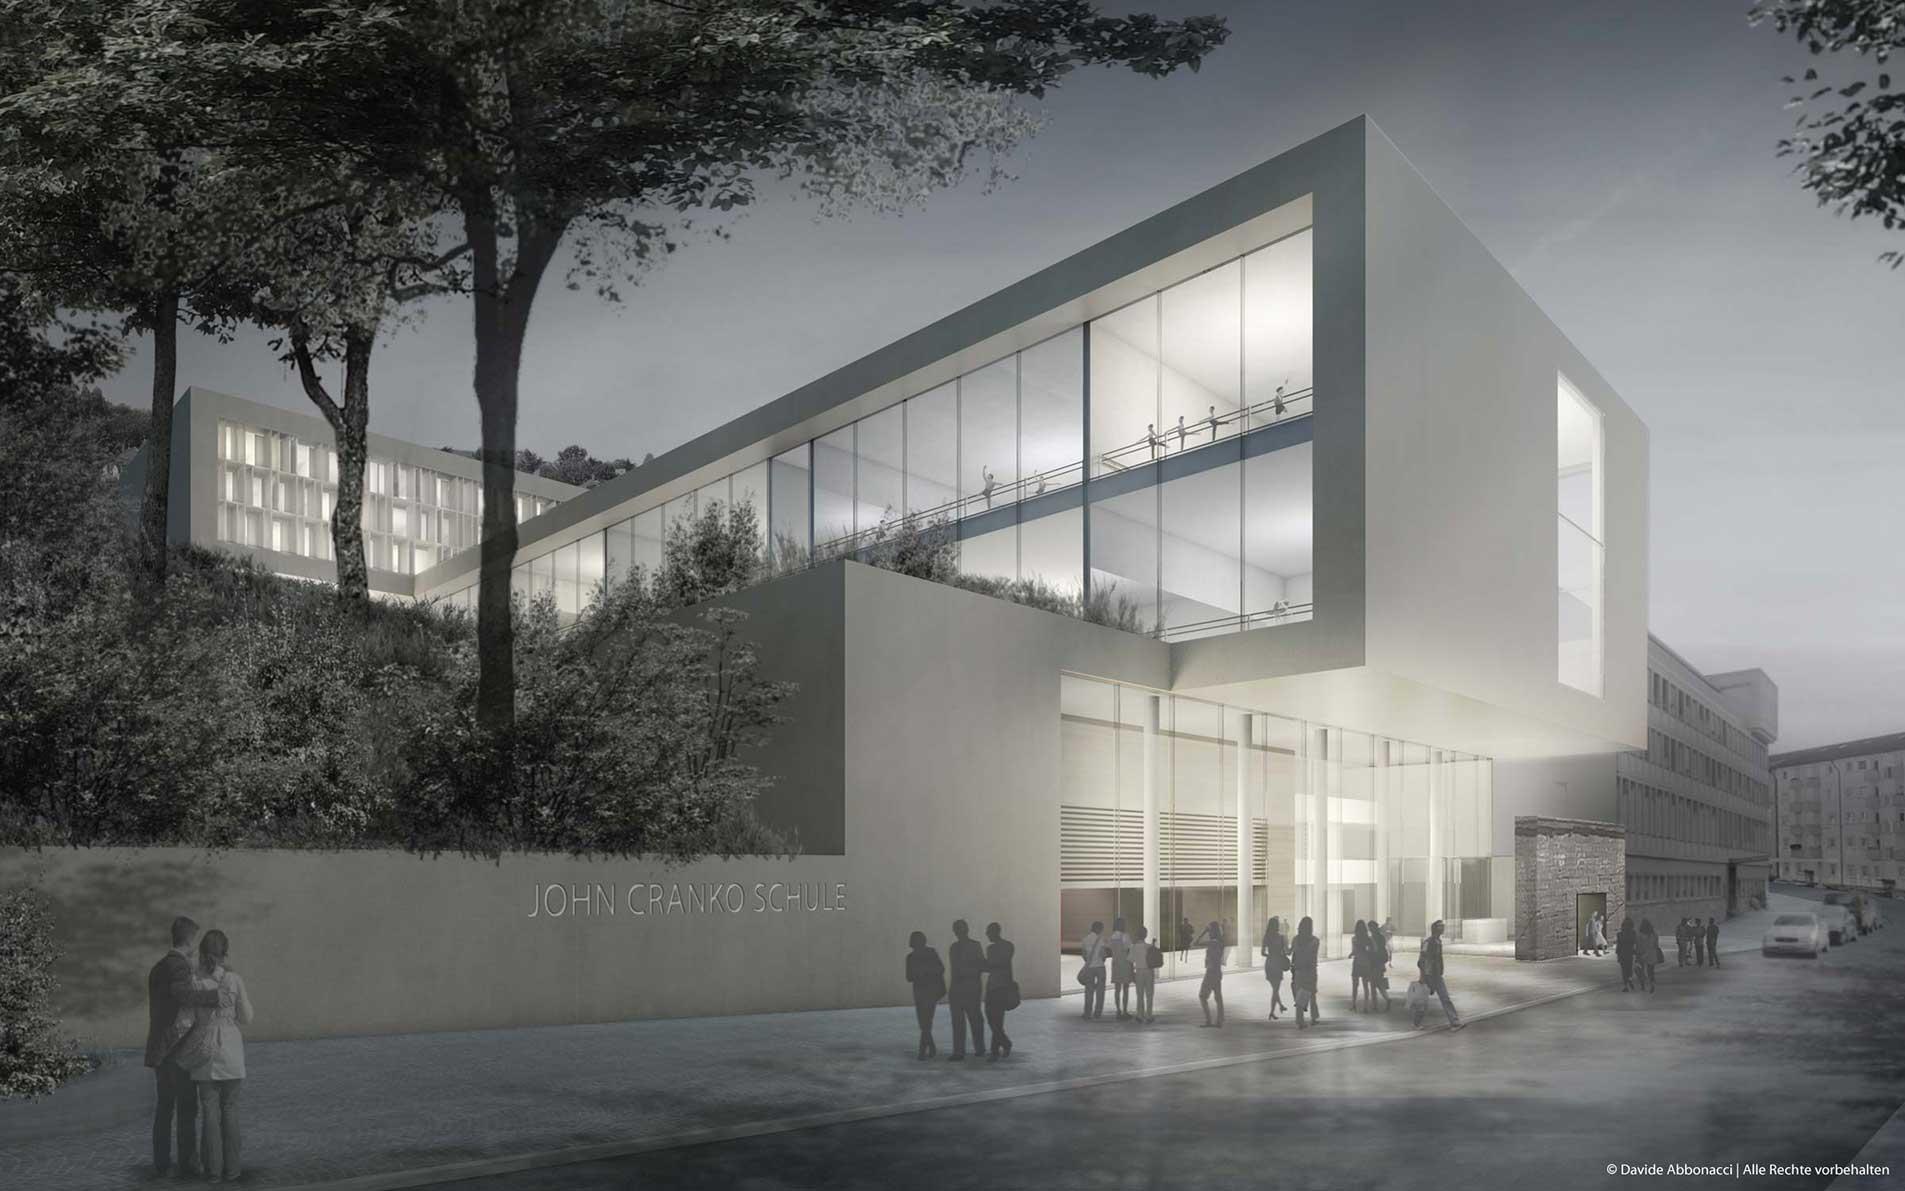 J. Cranko Ballettschule, Stuttgart | gmp Architekten von Gerkan, Marg und Partner | 2011 Wettbewerbsvisualisierung | 2. Preis